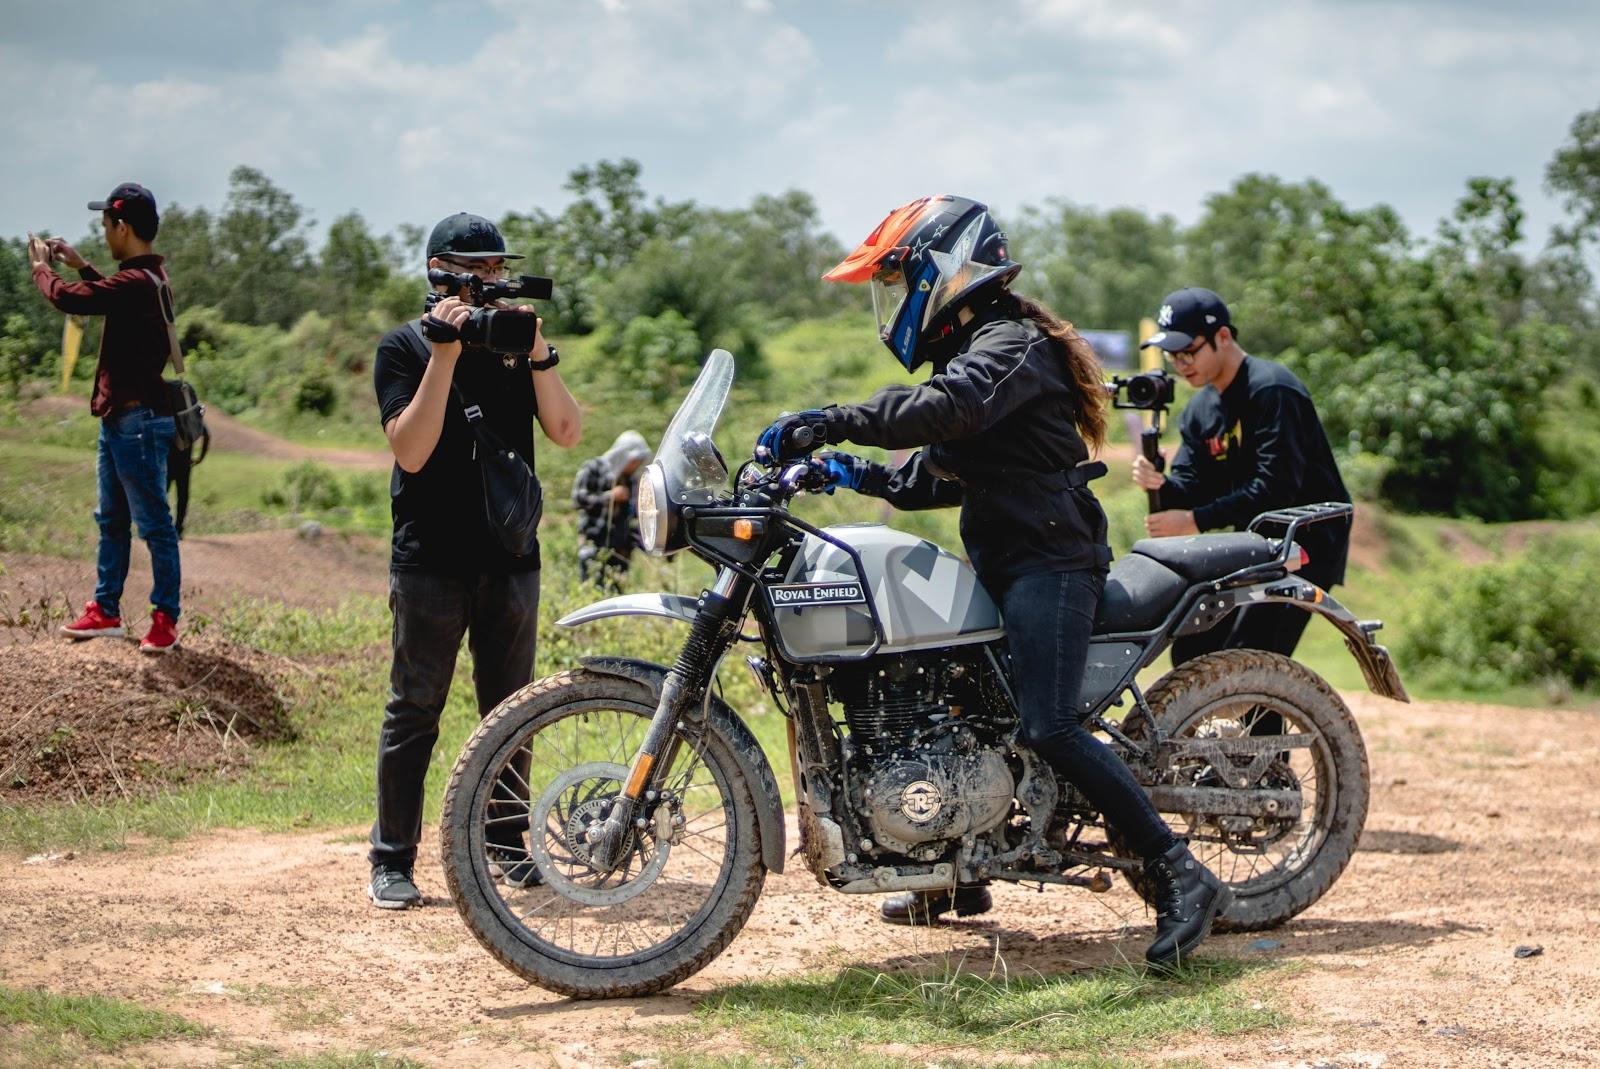 Female Adventure Riders having fun